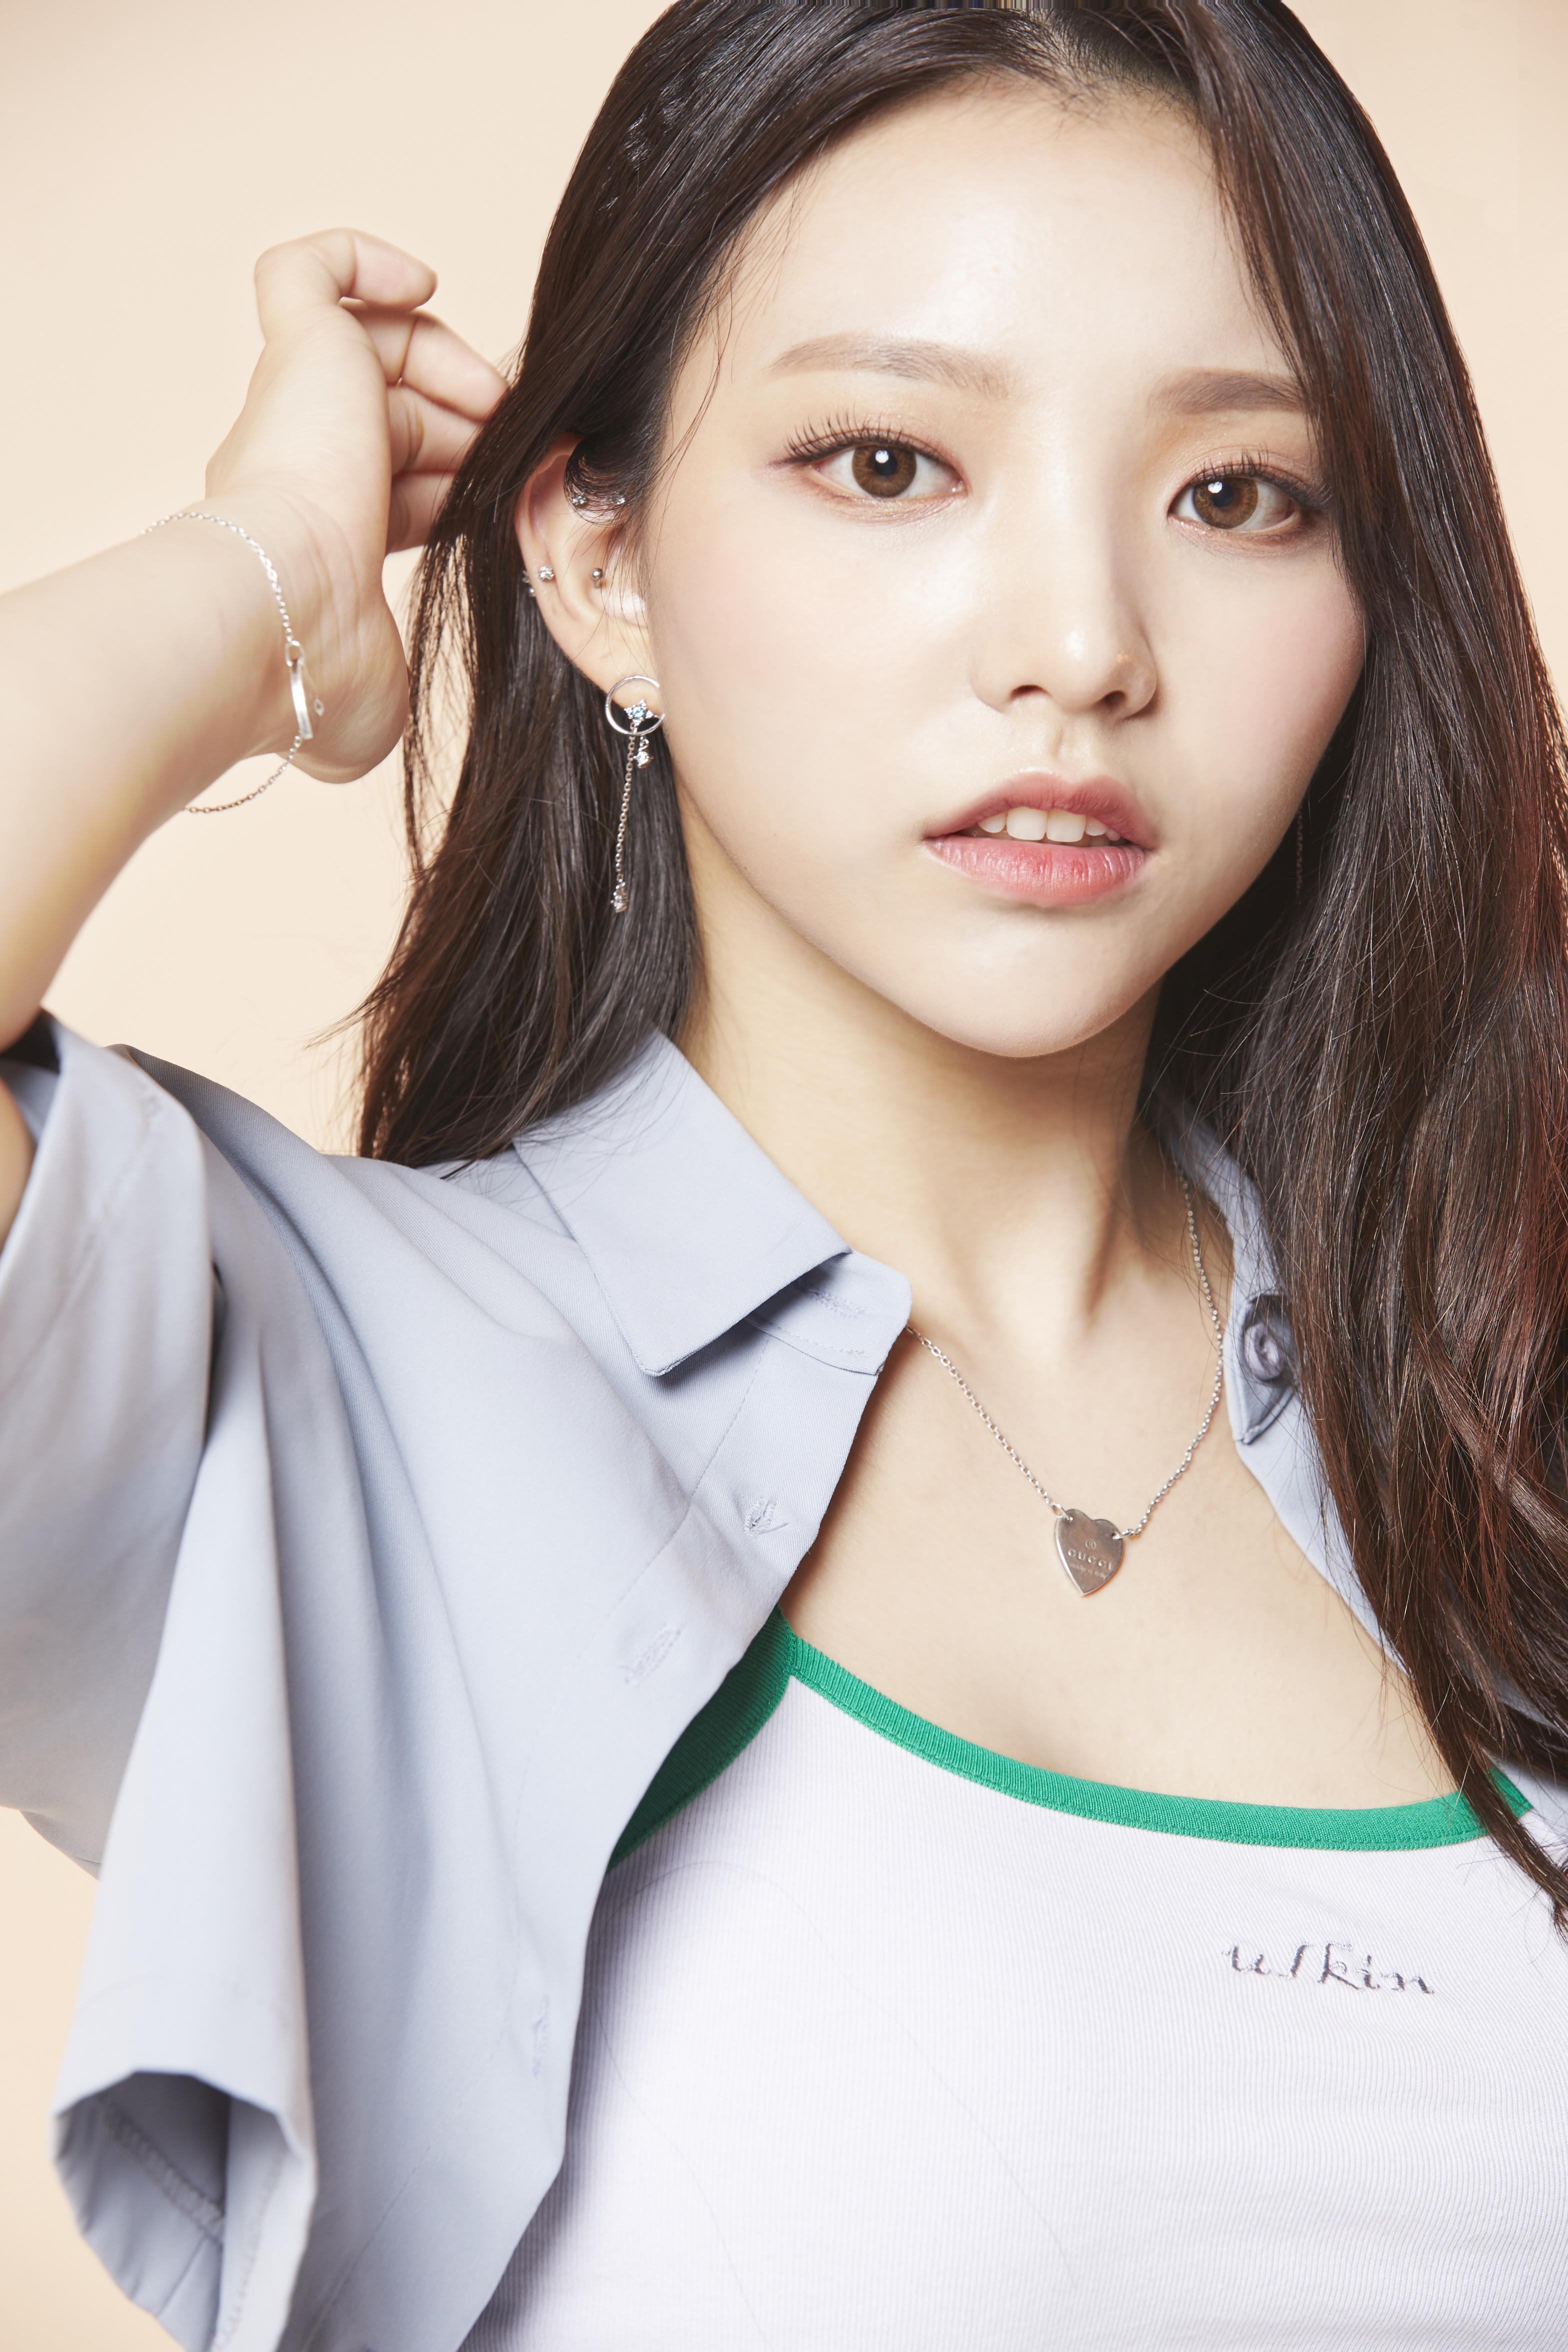 YouEun profile image